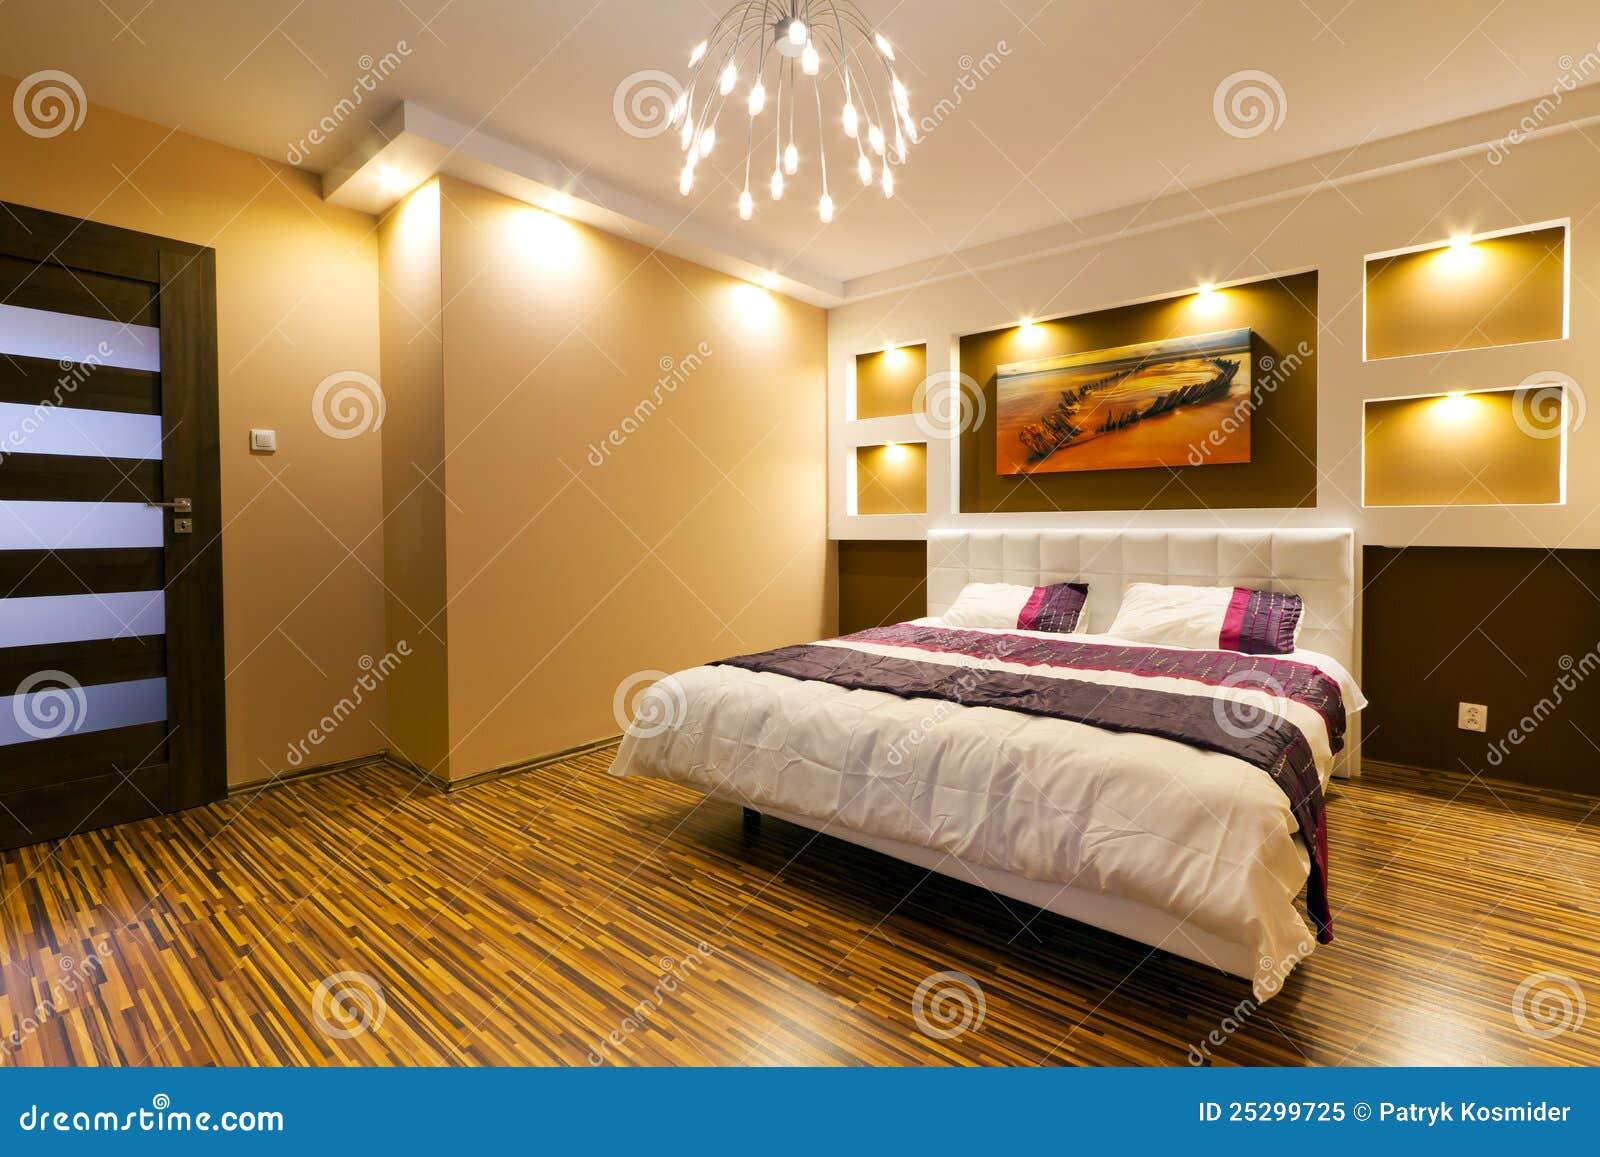 interior moderno del dormitorio principal imagen de